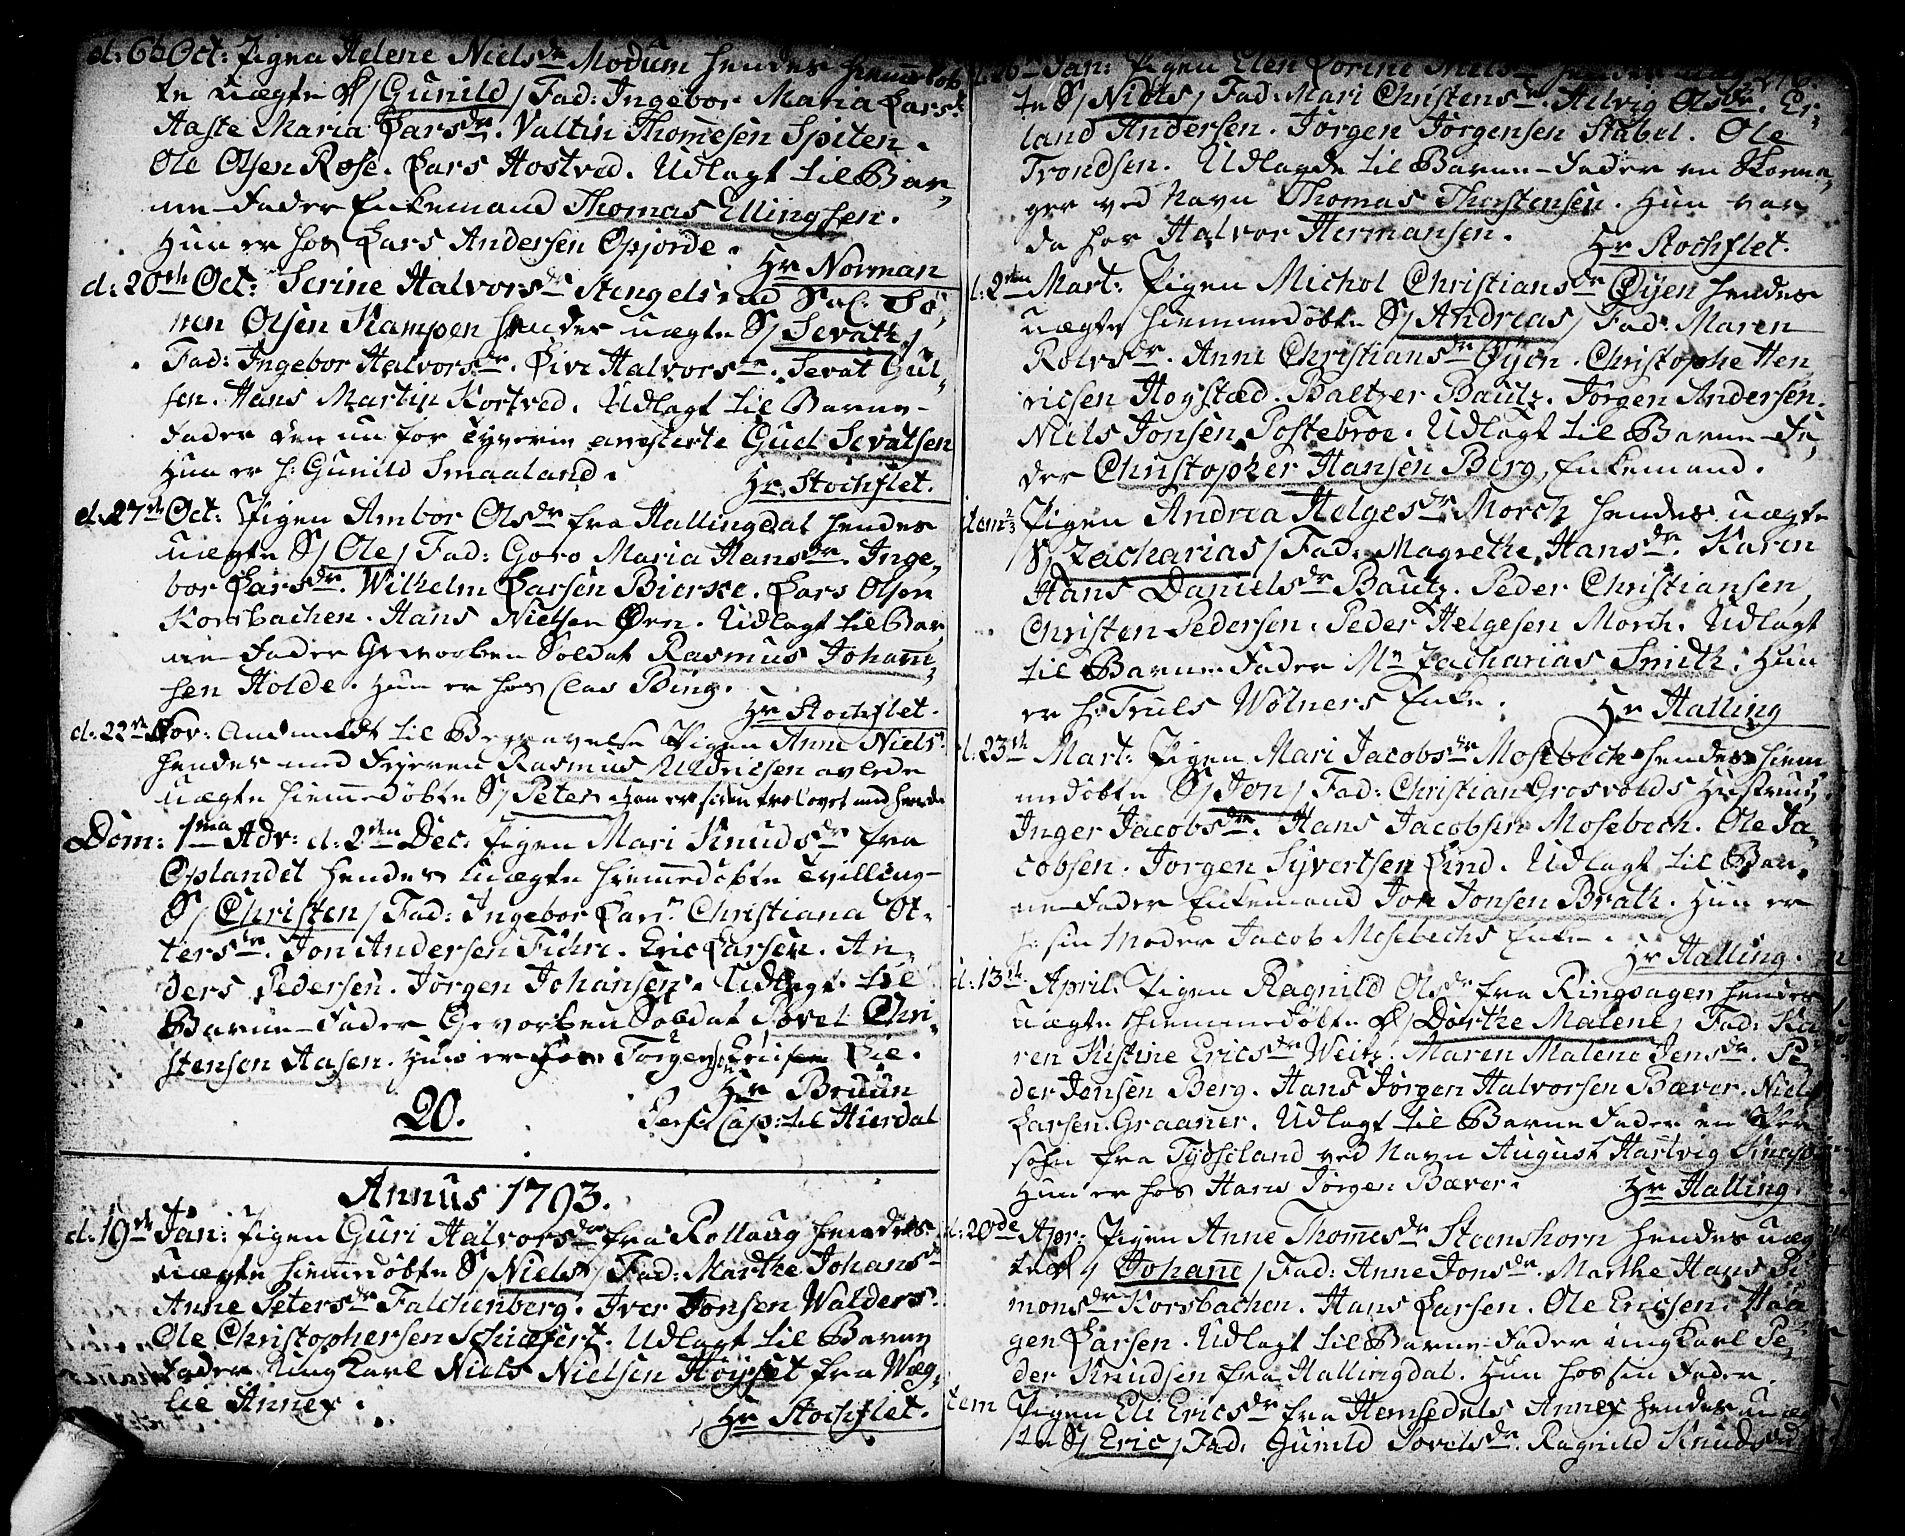 SAKO, Kongsberg kirkebøker, F/Fa/L0006: Ministerialbok nr. I 6, 1783-1797, s. 246